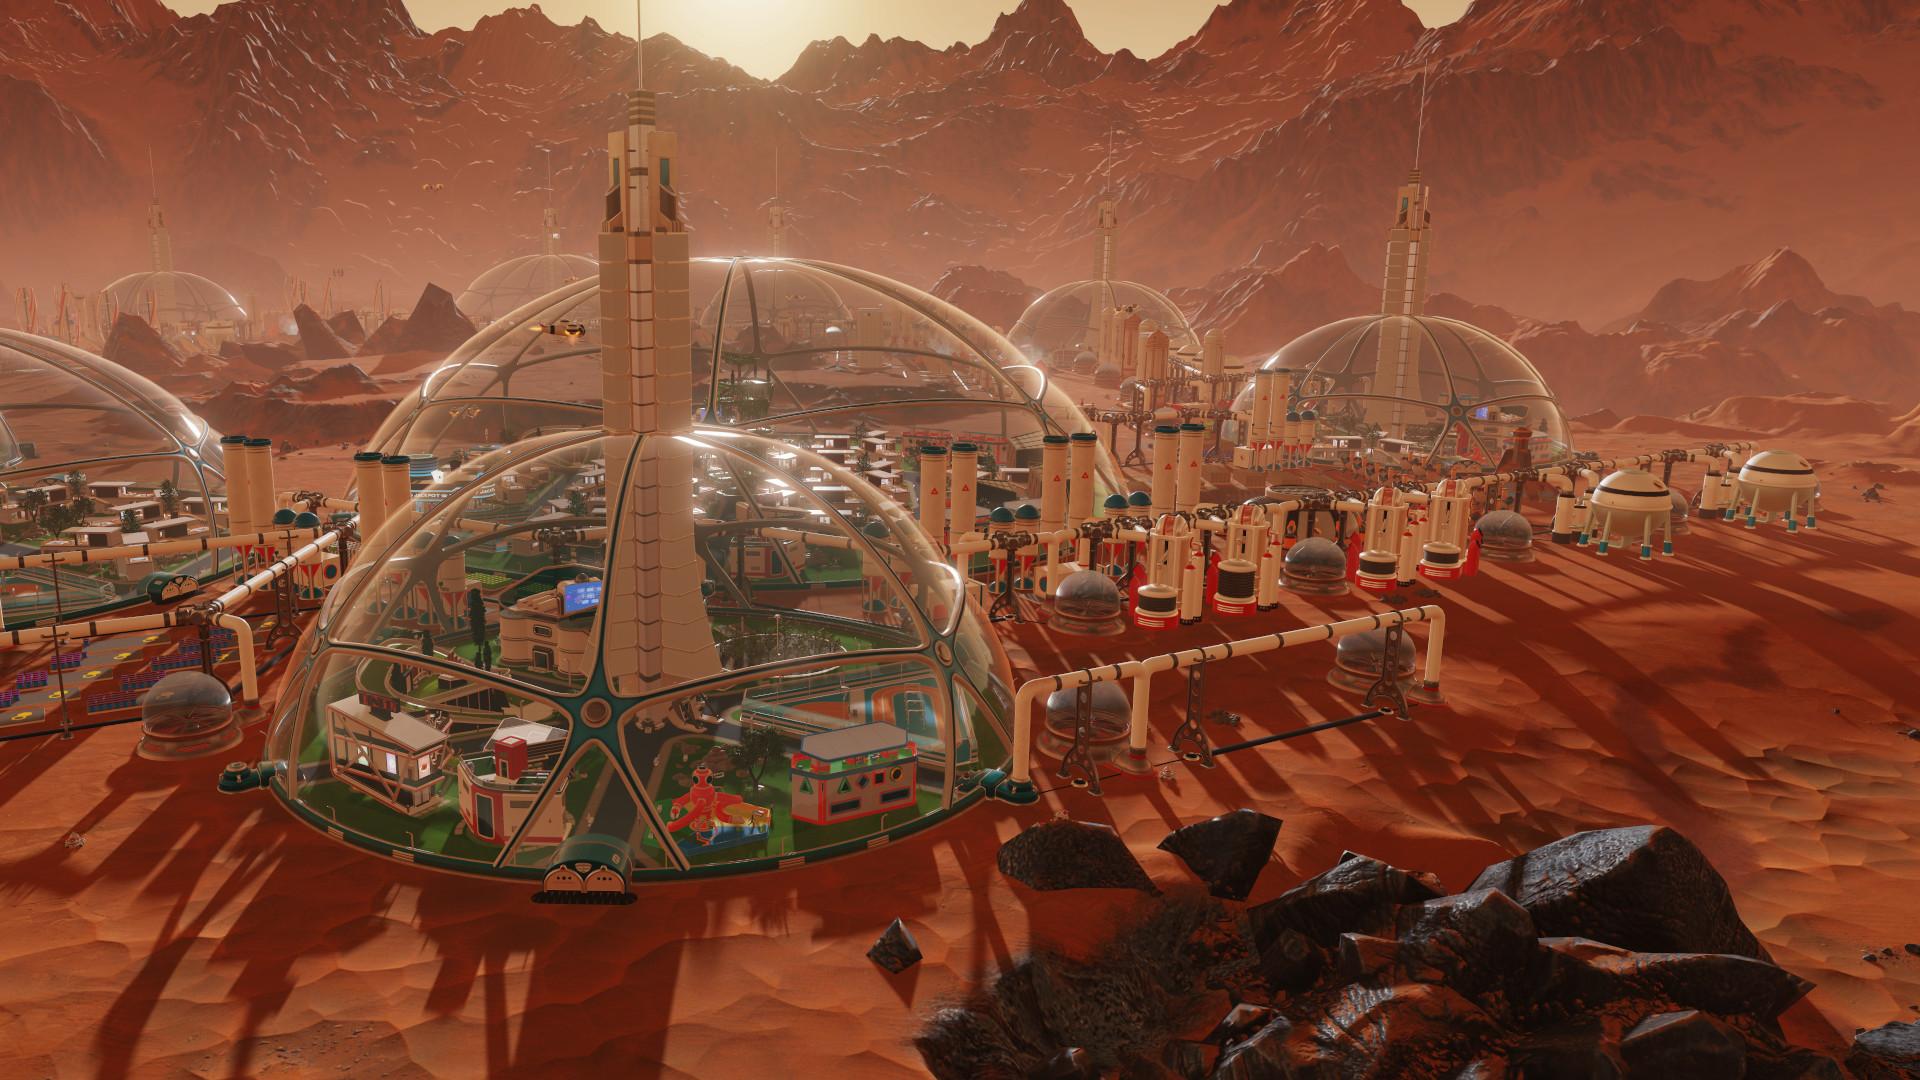 Раздача: экономическая стратегия Surviving Mars и PDF-версия книг правил Tales from the Loop RPG